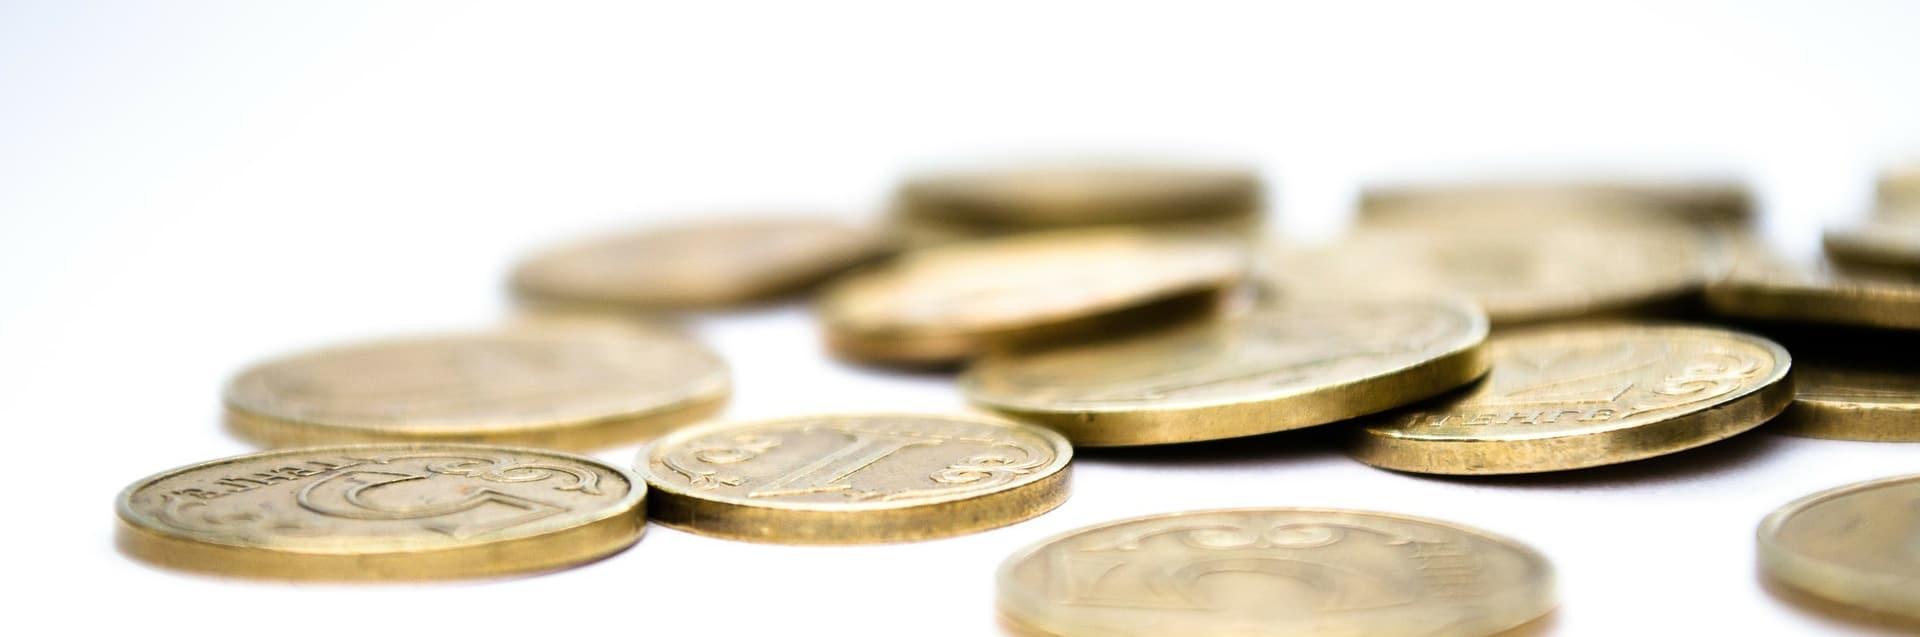 Münzen Wert